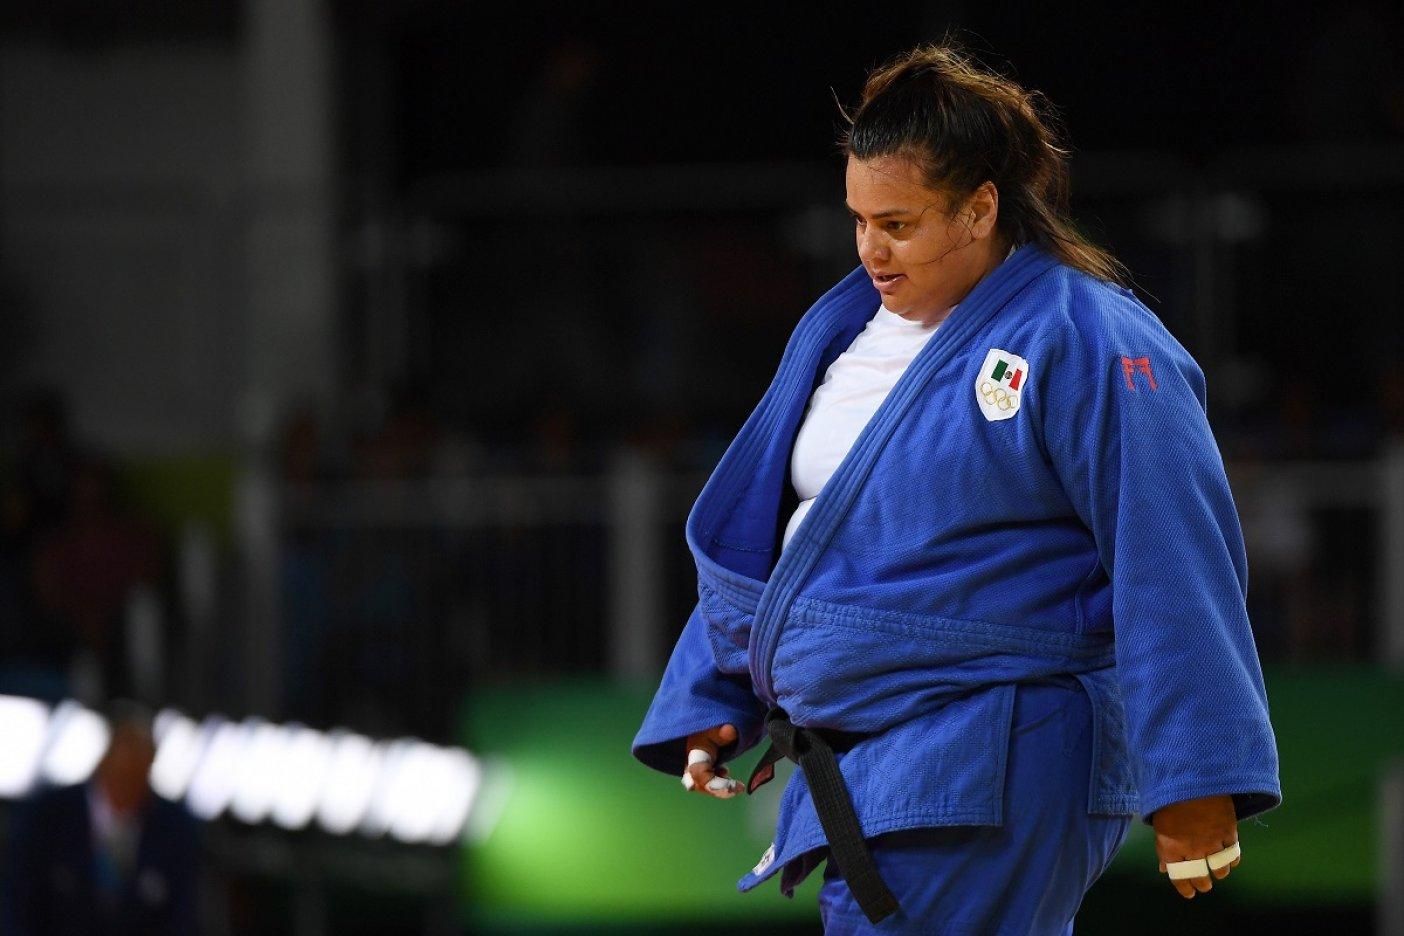 Vanessa Zambotti, Defensa Personal, Conade, Judo